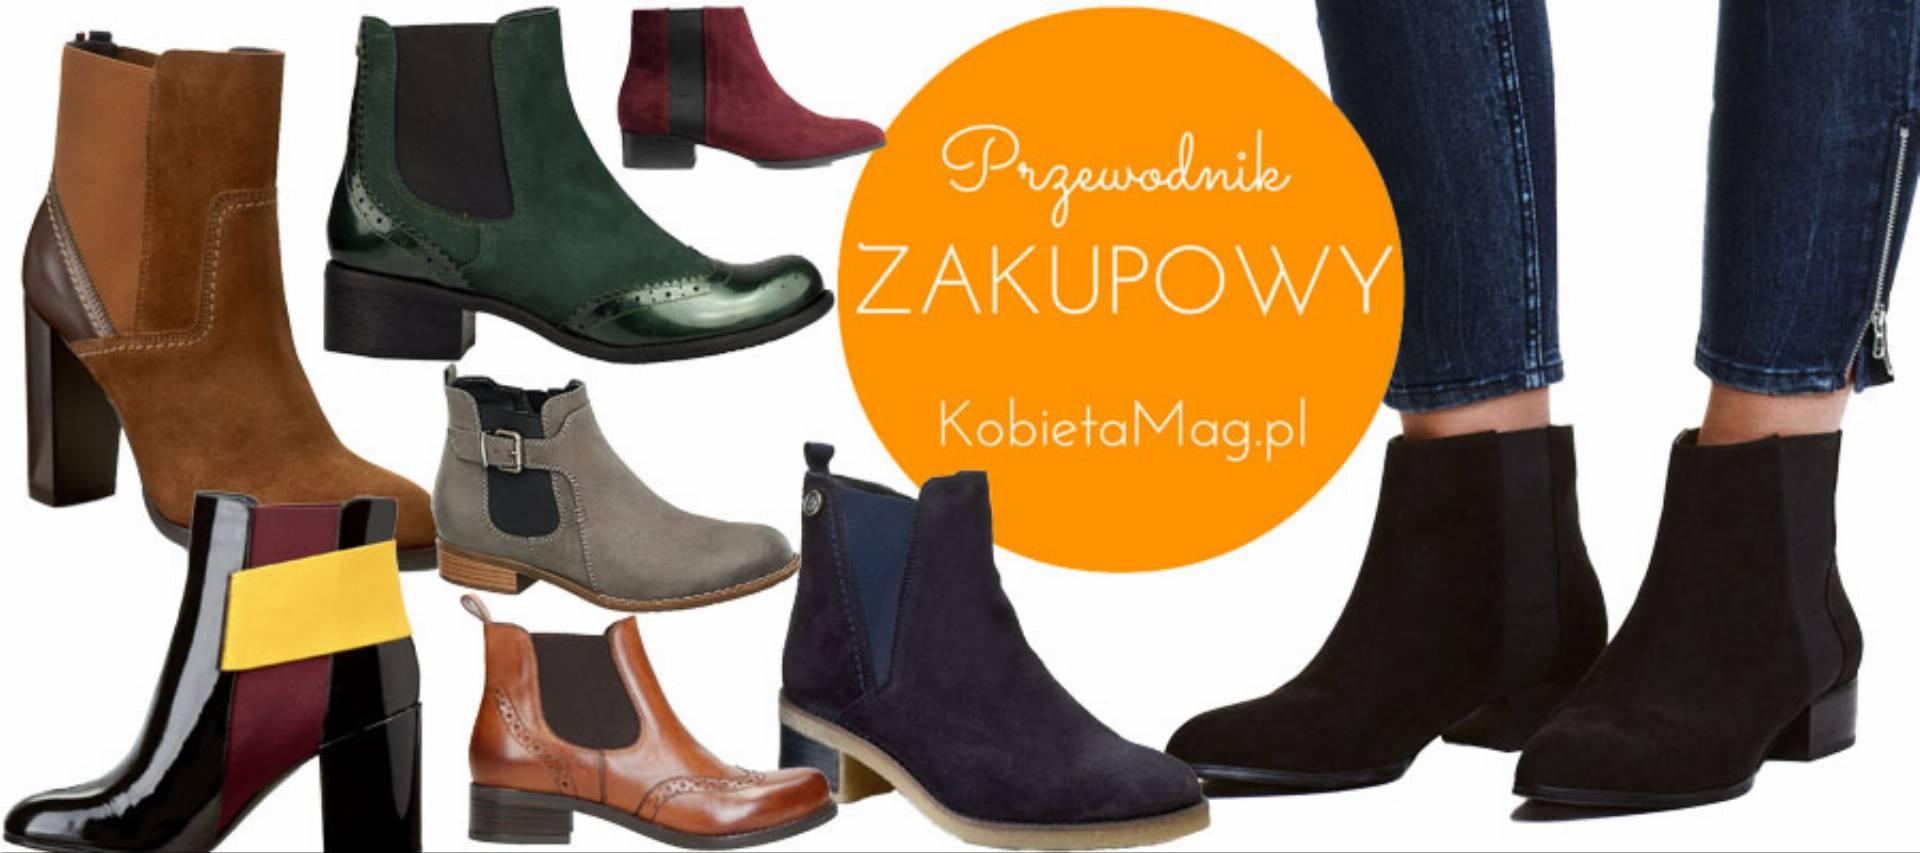 48ee3d8a9fc47 Modne buty zima 2019. Czółenka, botki, kozaki - KobietaMag.pl ...